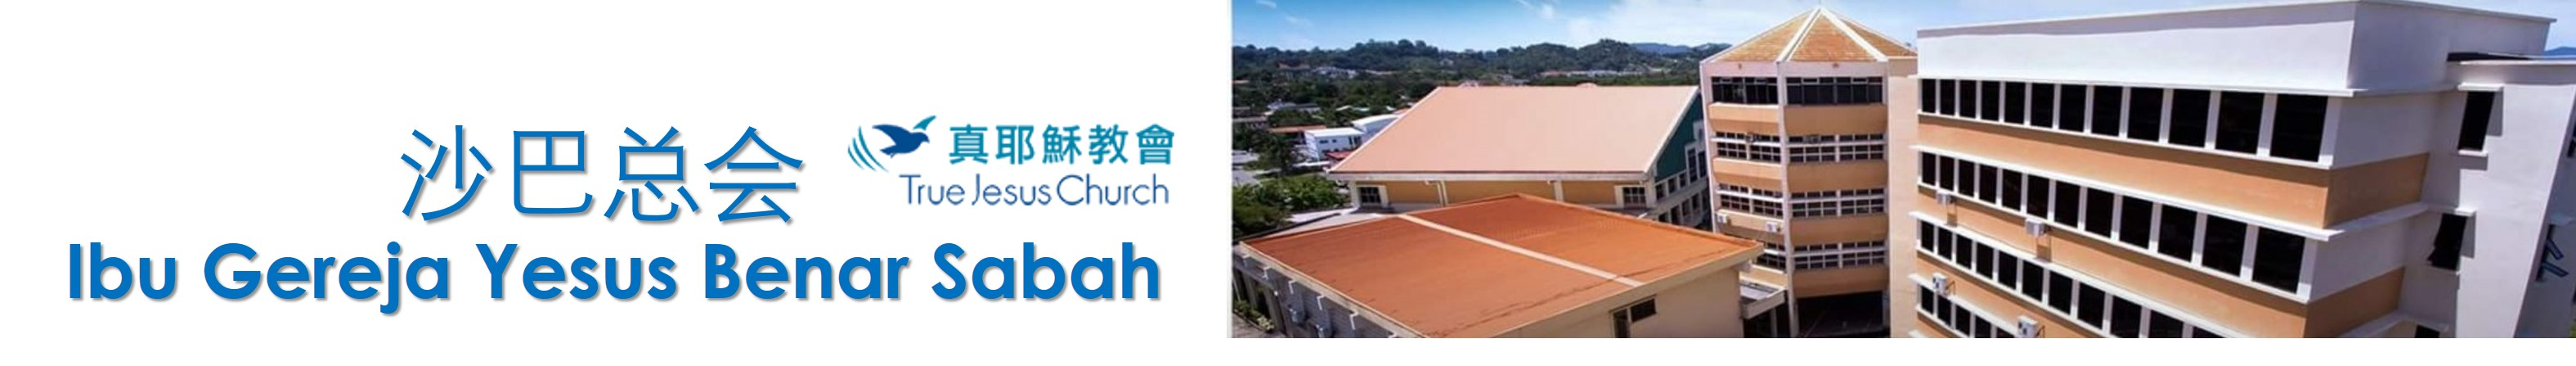 沙巴总会 |真耶稣教会